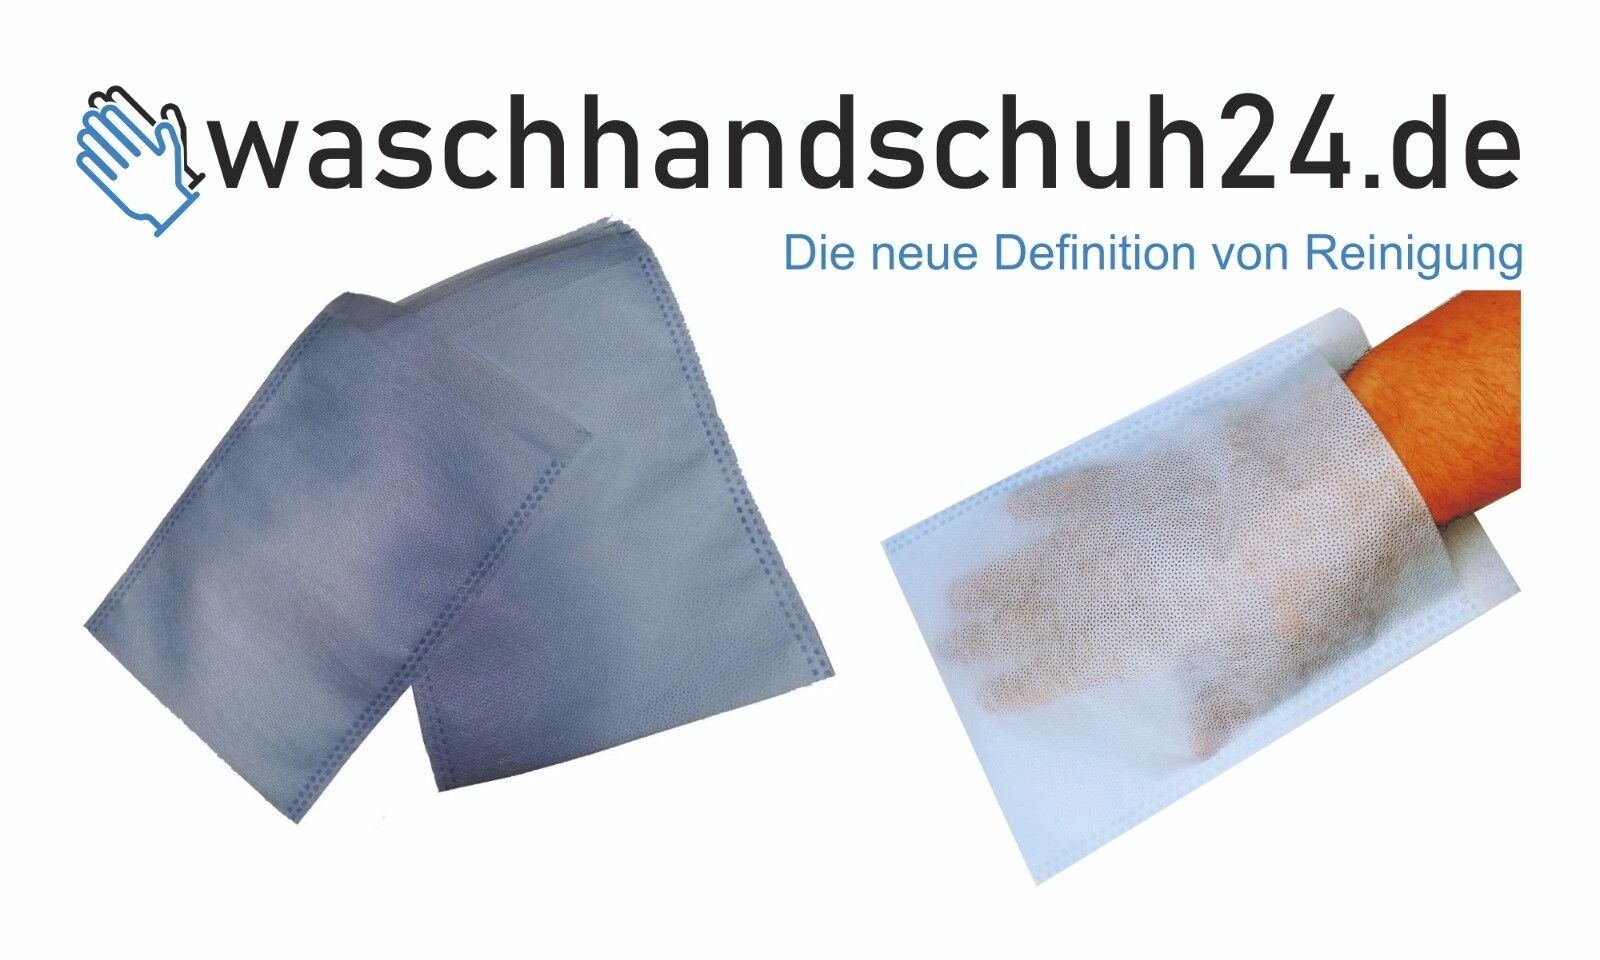 200 Waschhandschuhe Einmal-Waschlappen Pflege/Baby/Senioren - Made in Germany